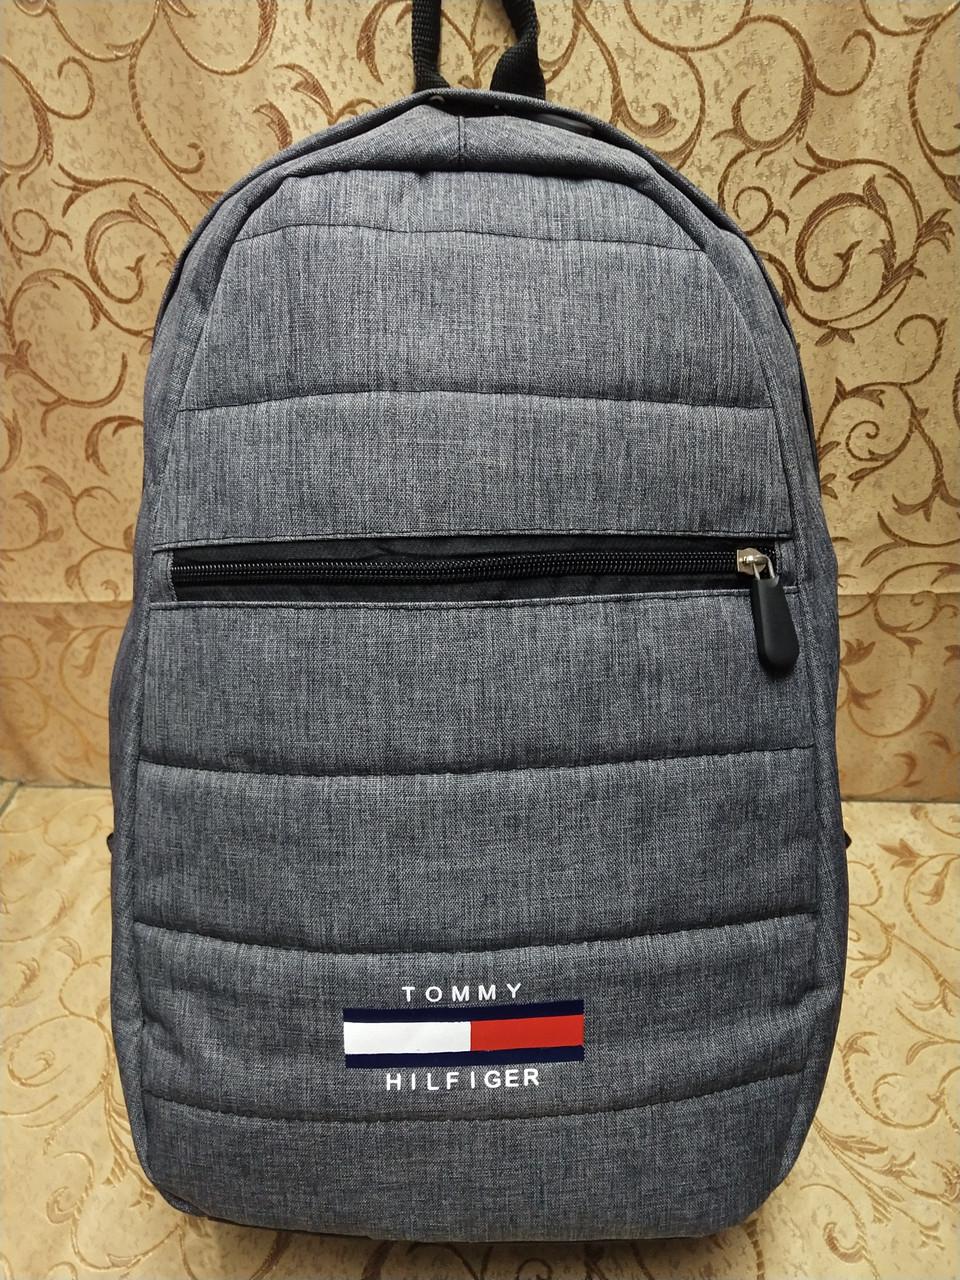 Рюкзак tommy Томми мессенджер 300D спорт спортивный городской стильный только опт